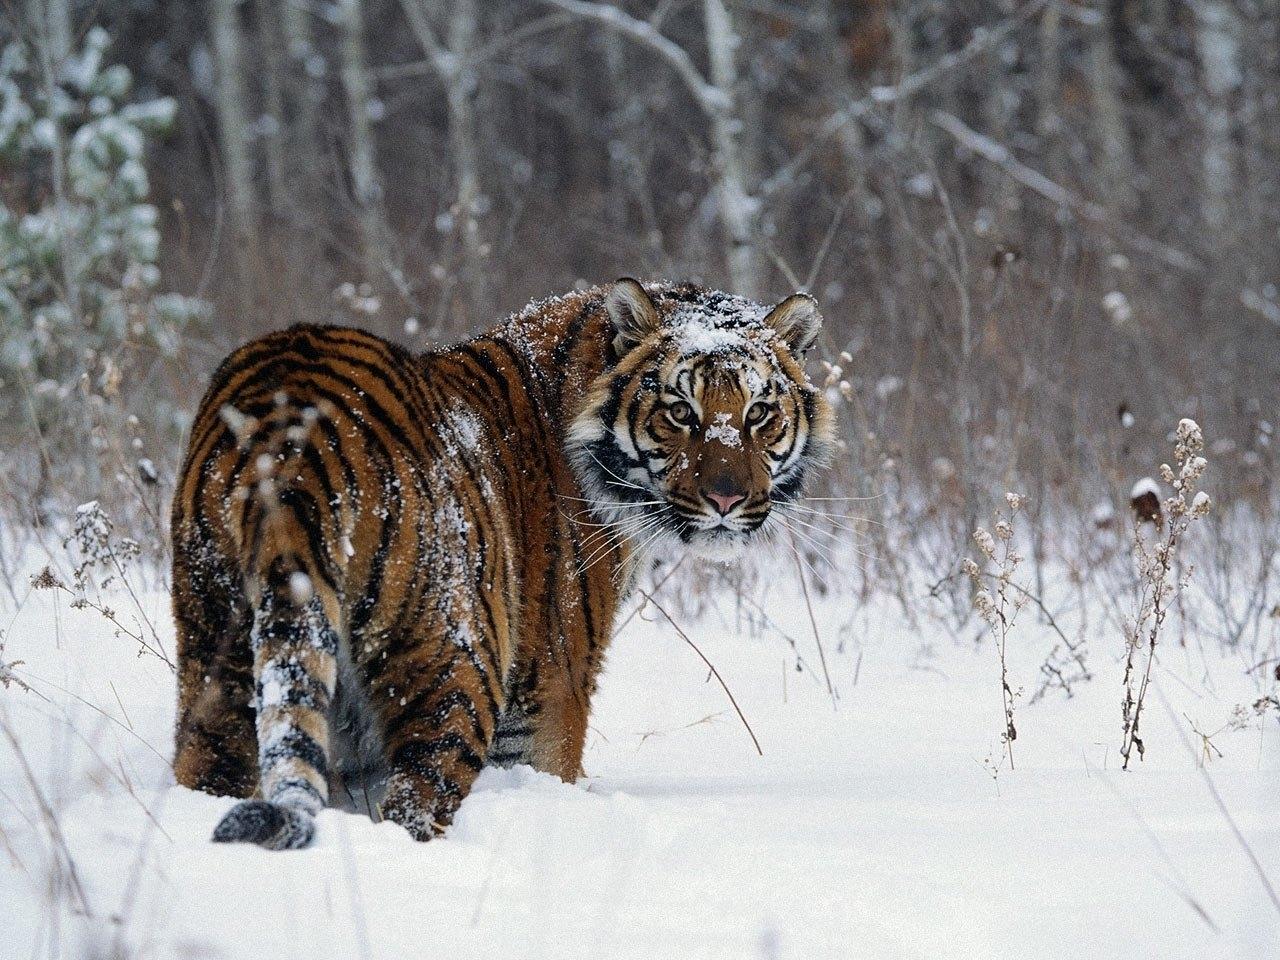 25454 descargar fondo de pantalla Animales, Invierno, Tigres, Nieve: protectores de pantalla e imágenes gratis